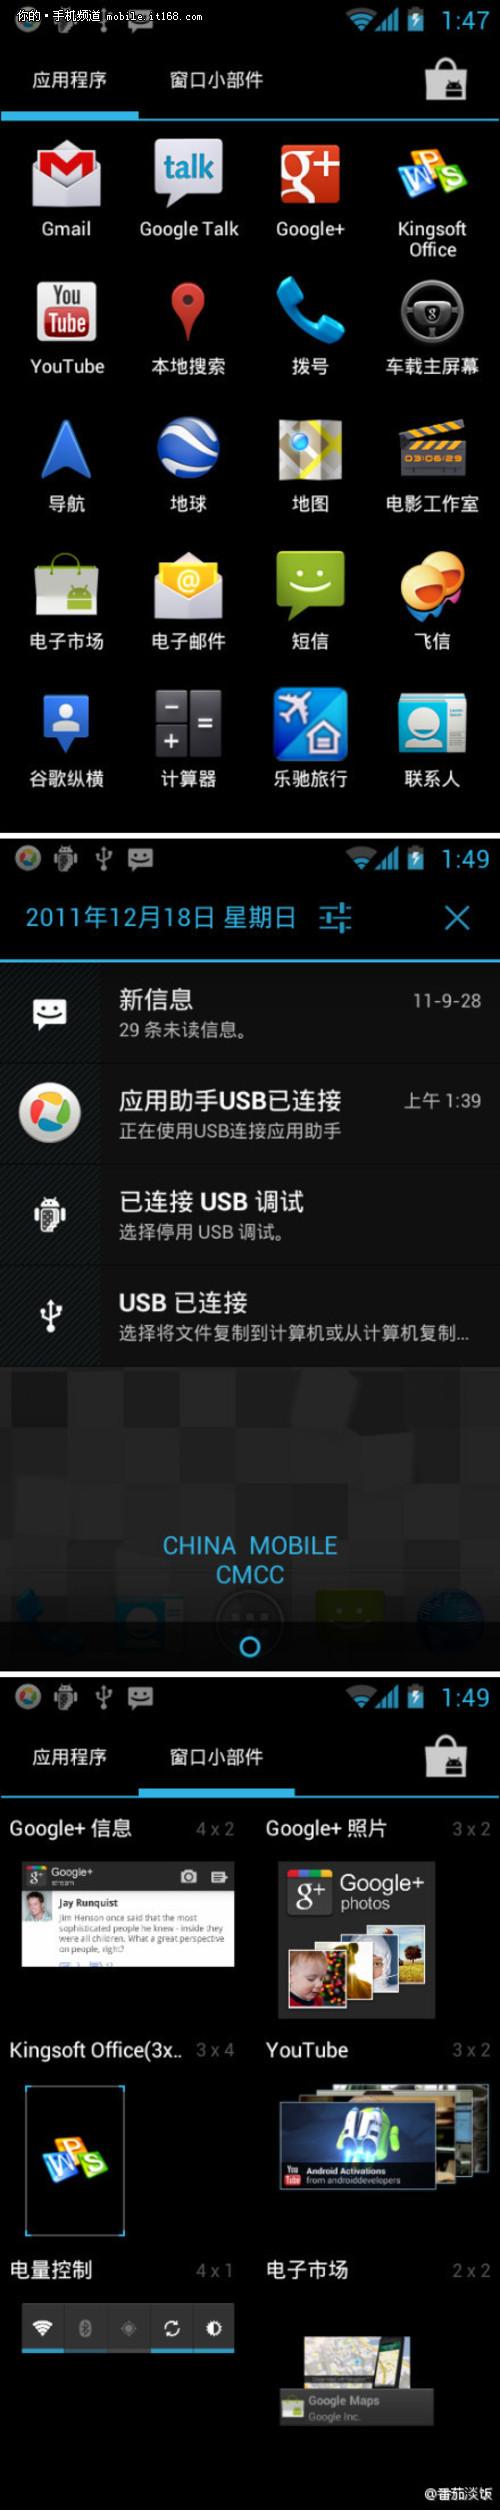 Nexus S:Android4.0升级教程及下载地址